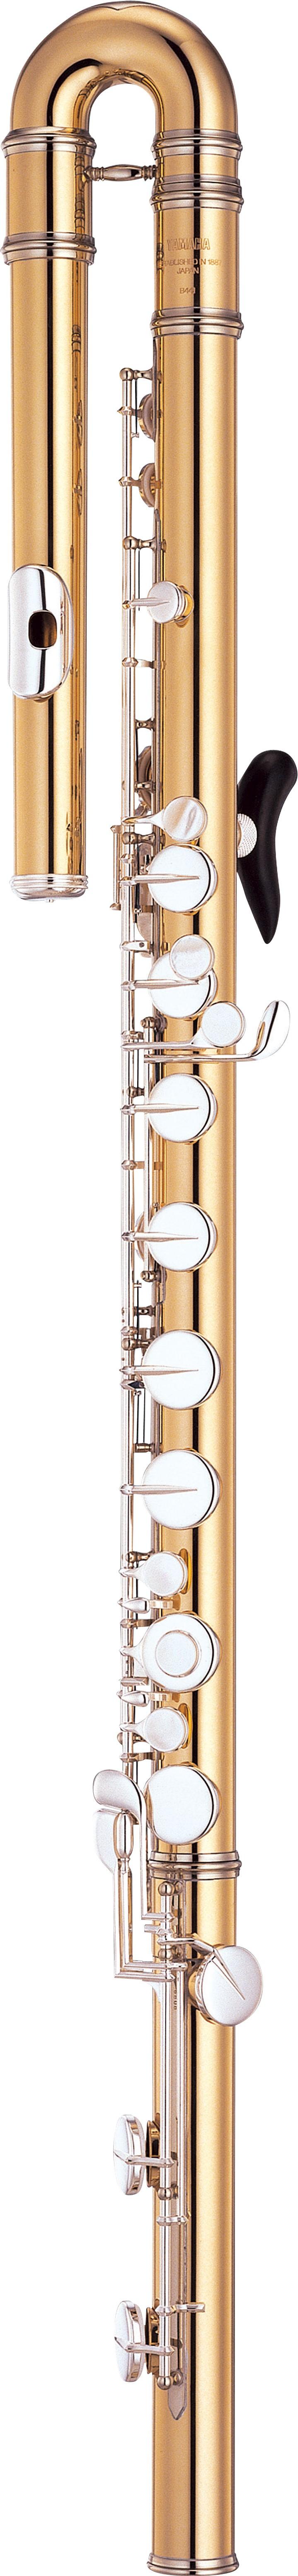 Yamaha - YFL - B - 441 - II - gebogen - Holzblasinstrumente - Bass-Flöten | MUSIK BERTRAM Deutschland Freiburg